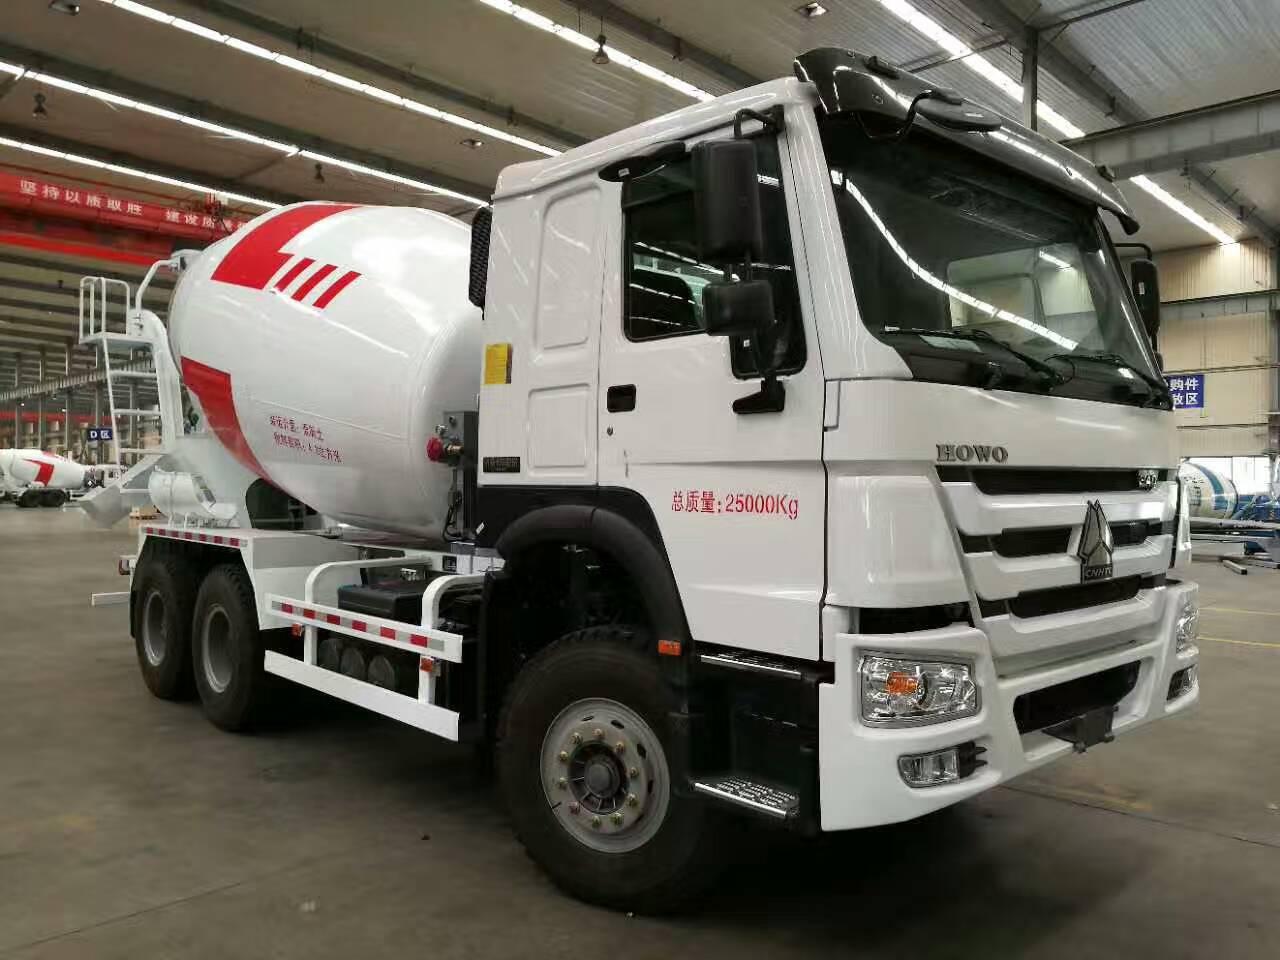 混凝土搅拌车干燥罐能否正常工作直接影响到刹车的性能